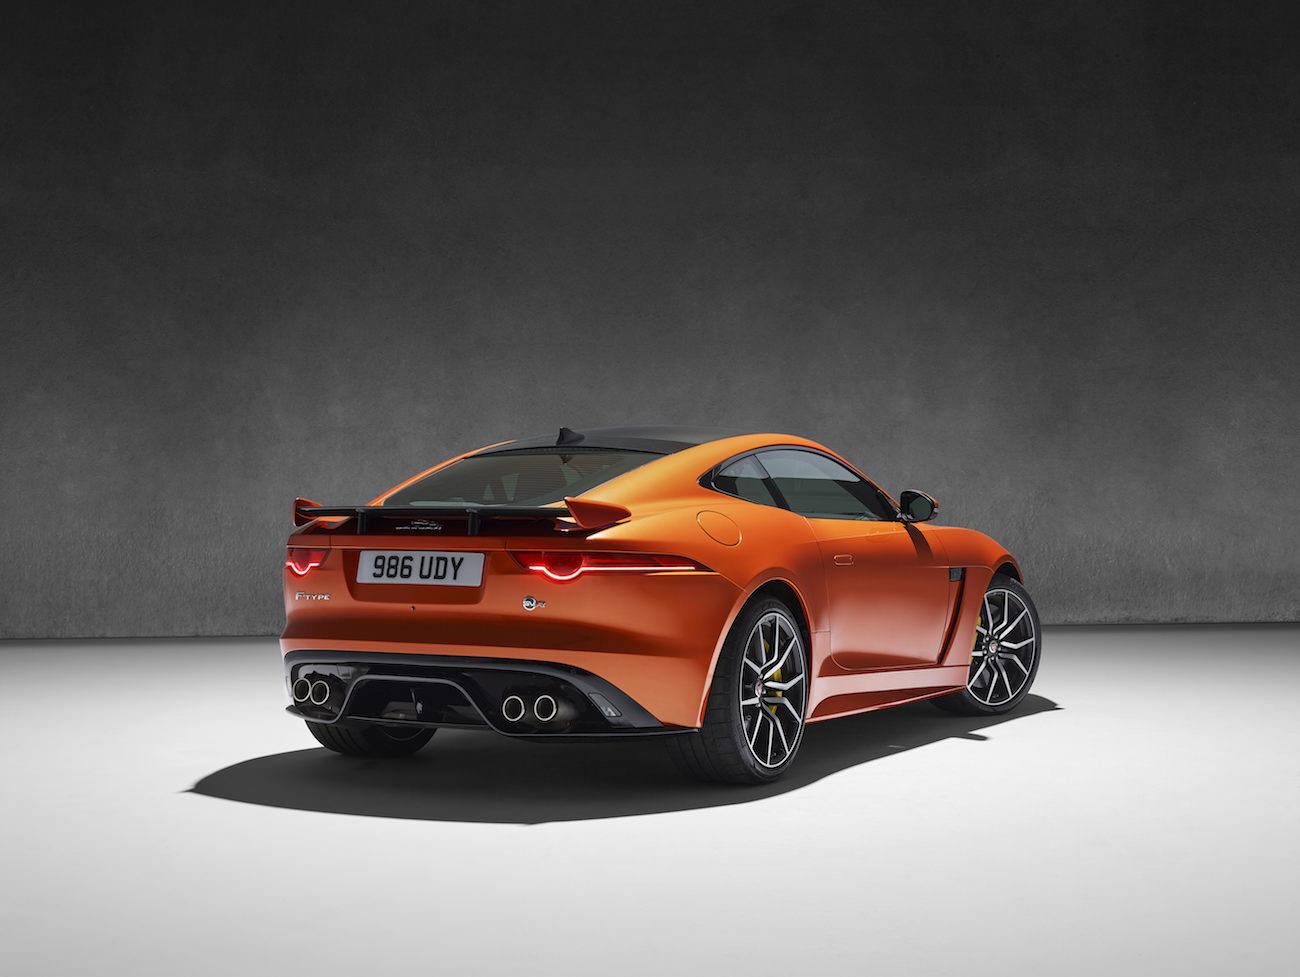 nouvelle jaguar f type svr voiture de s rie la plus rapide. Black Bedroom Furniture Sets. Home Design Ideas